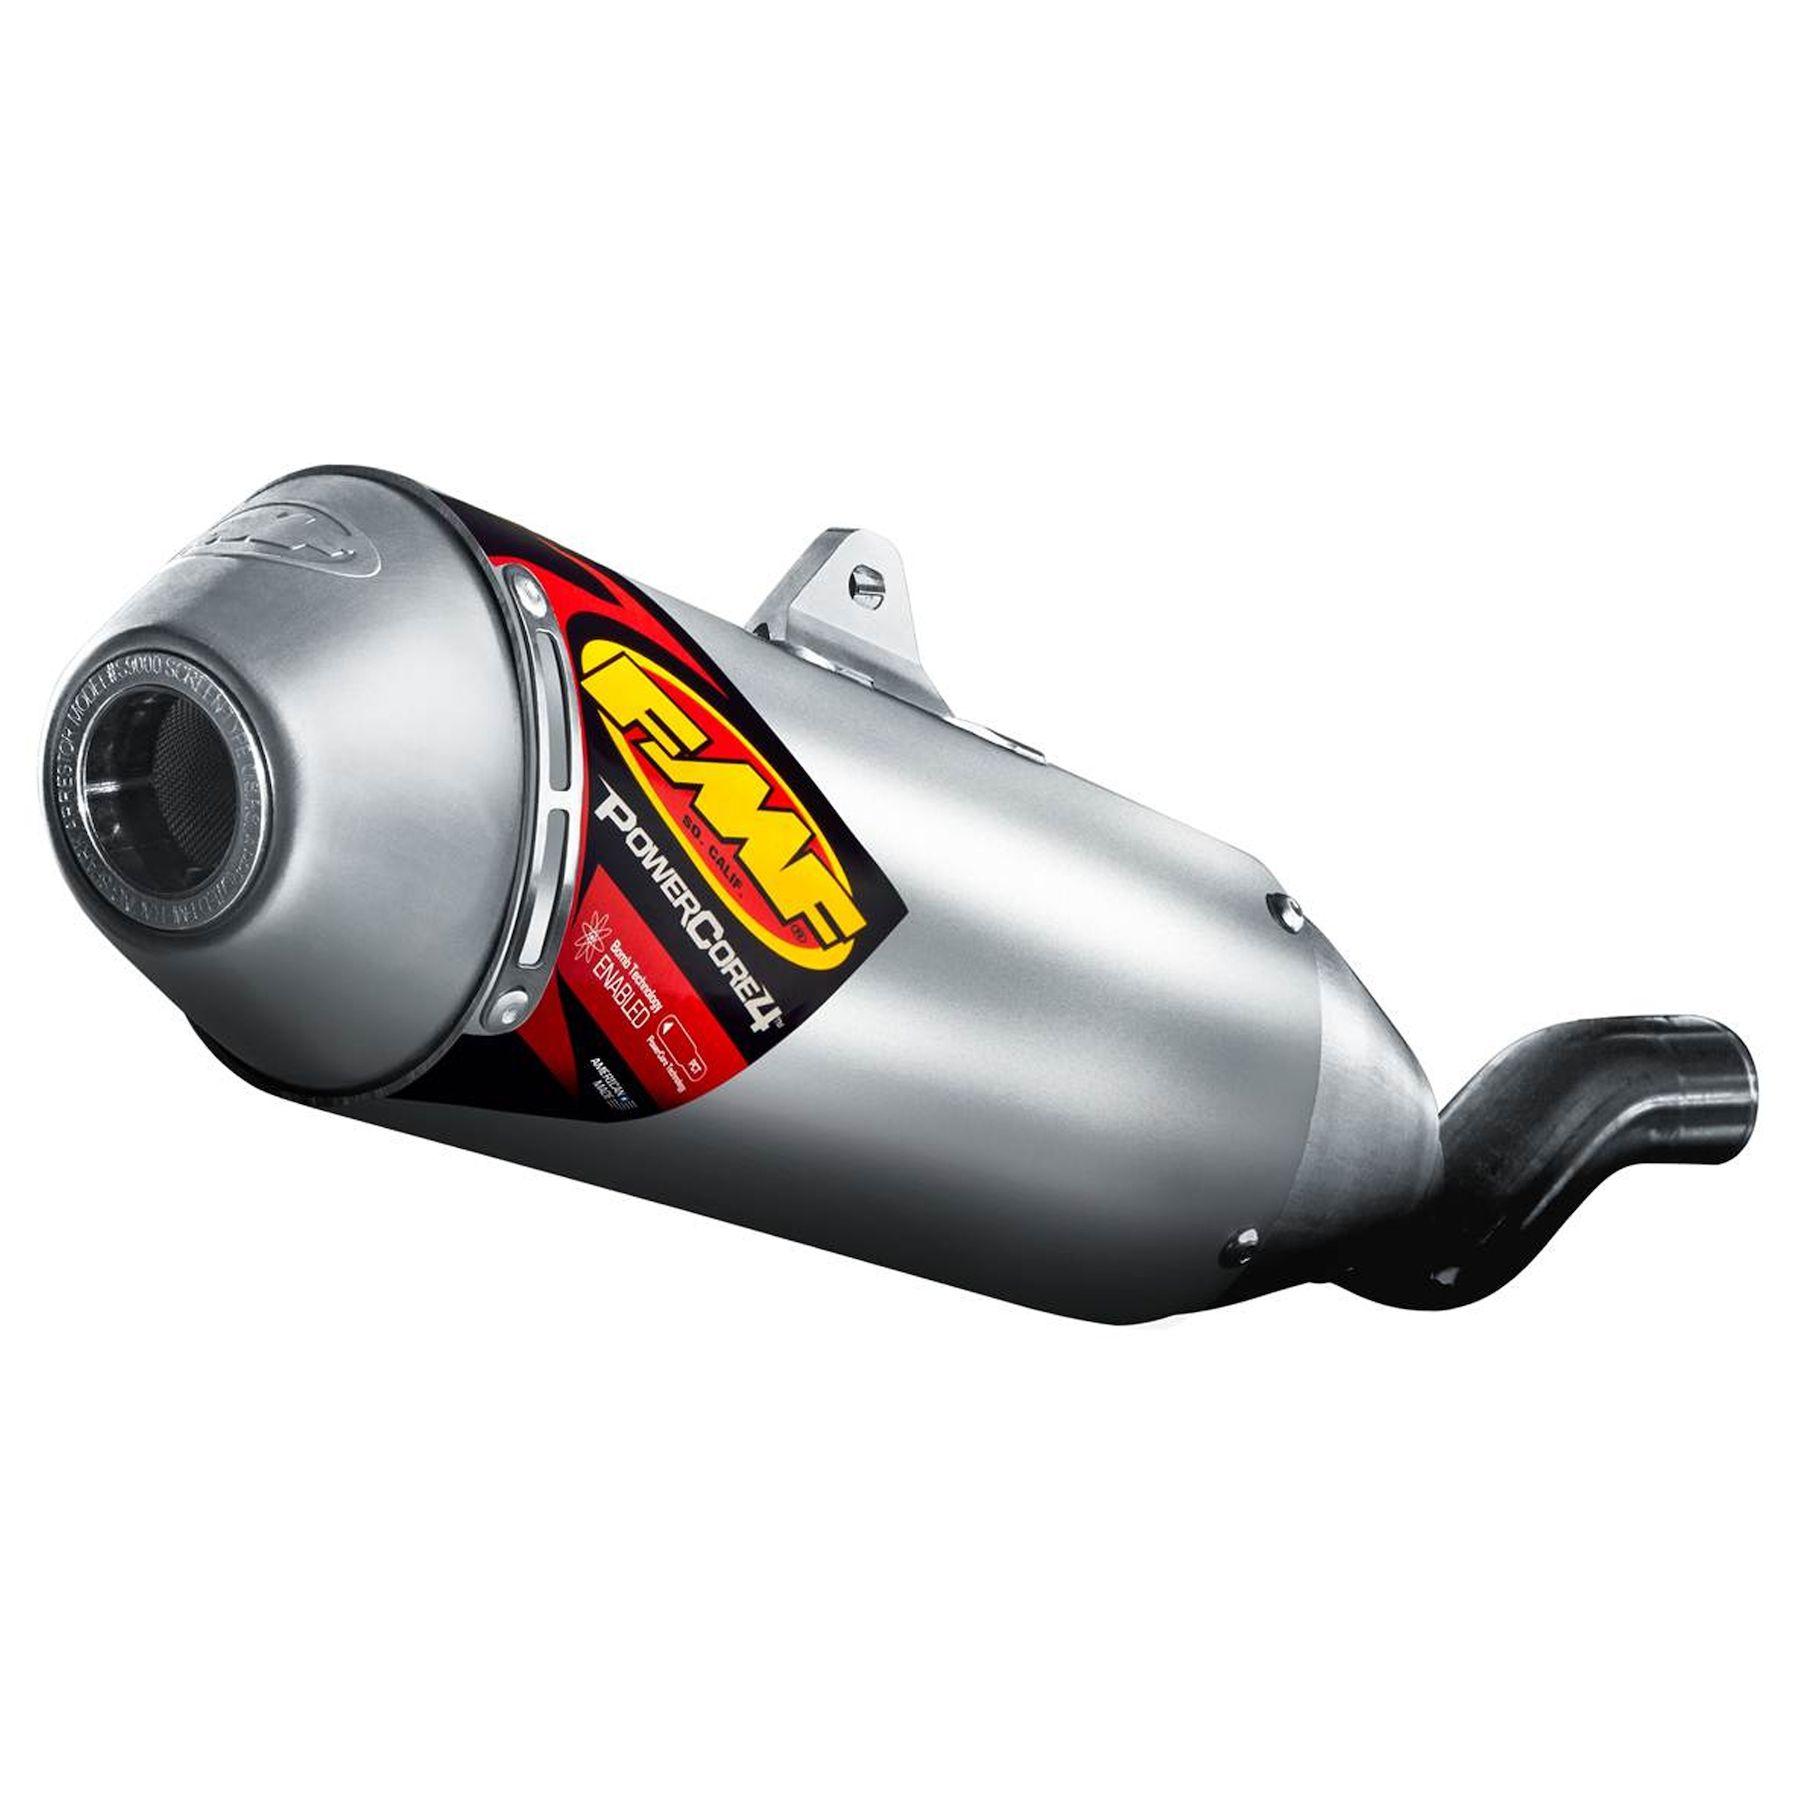 bomb exhaust header pipe fits kawasaki